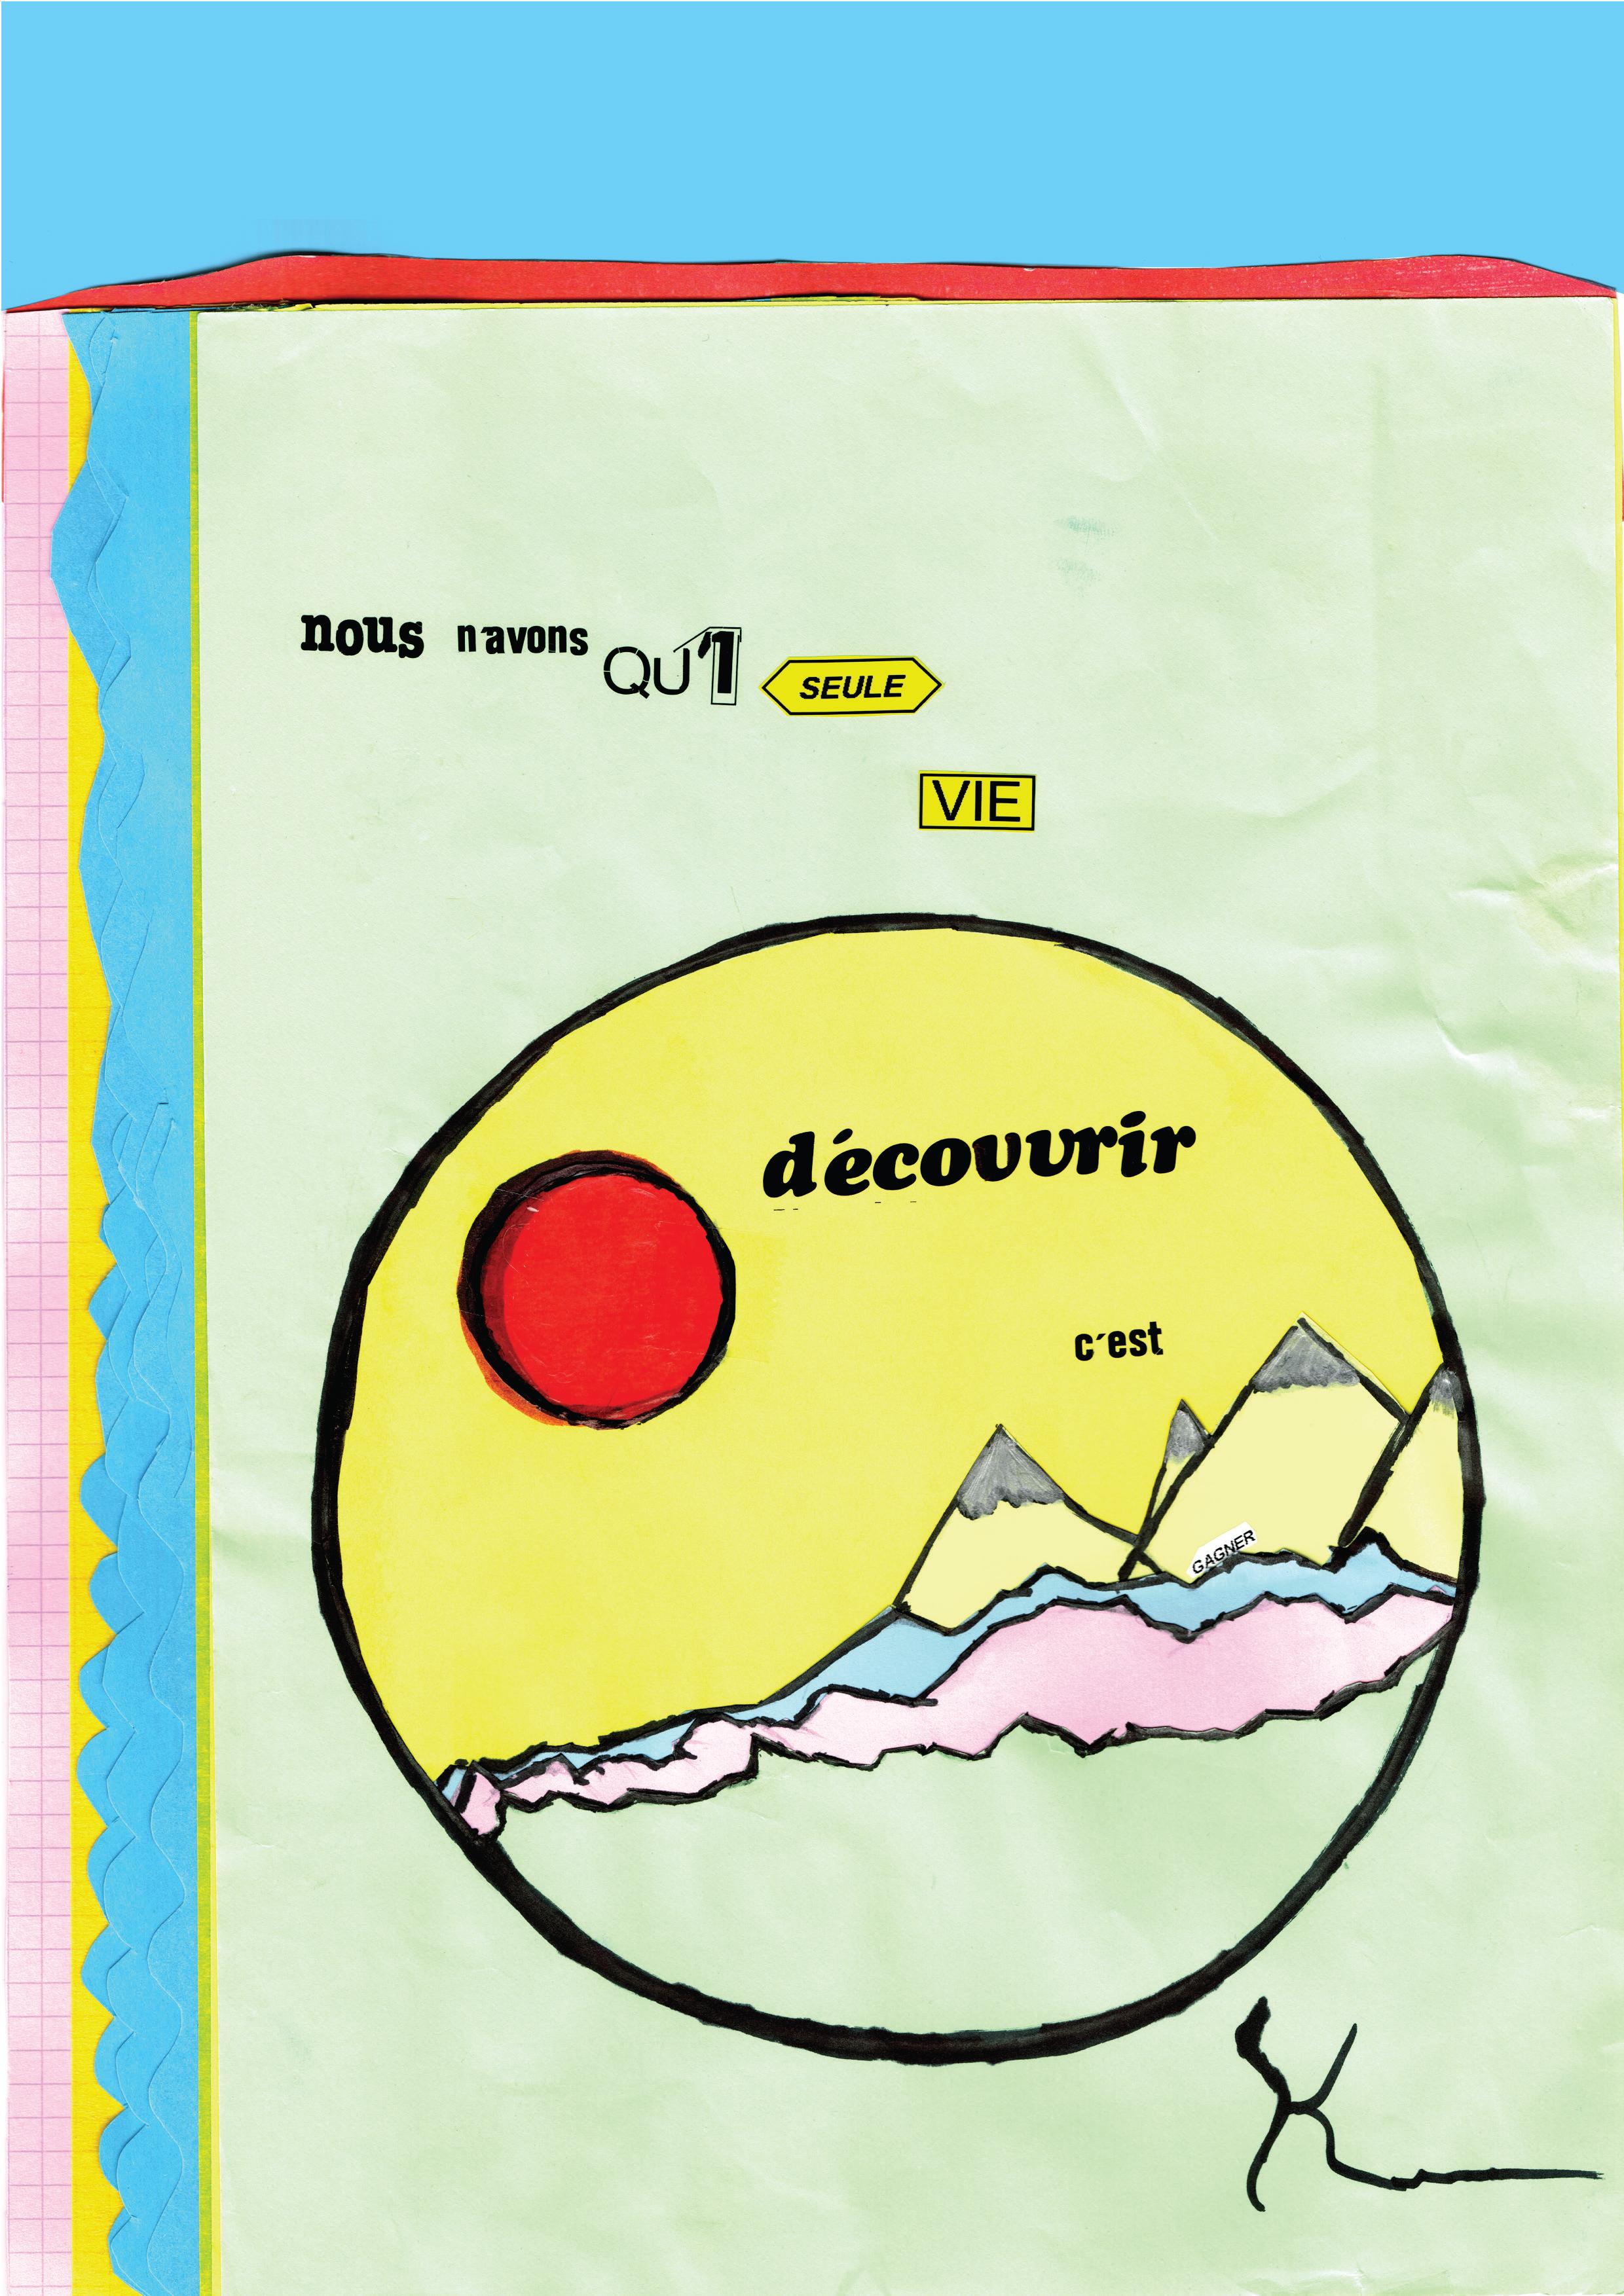 Affiche réalisée par Kamelia BOUSSADIA (collège Jean-Baspiste Lebas, Roubaix) dans le cadre de l'atelier de l'artiste Joséphine Kaeppelin, janvier 2020.